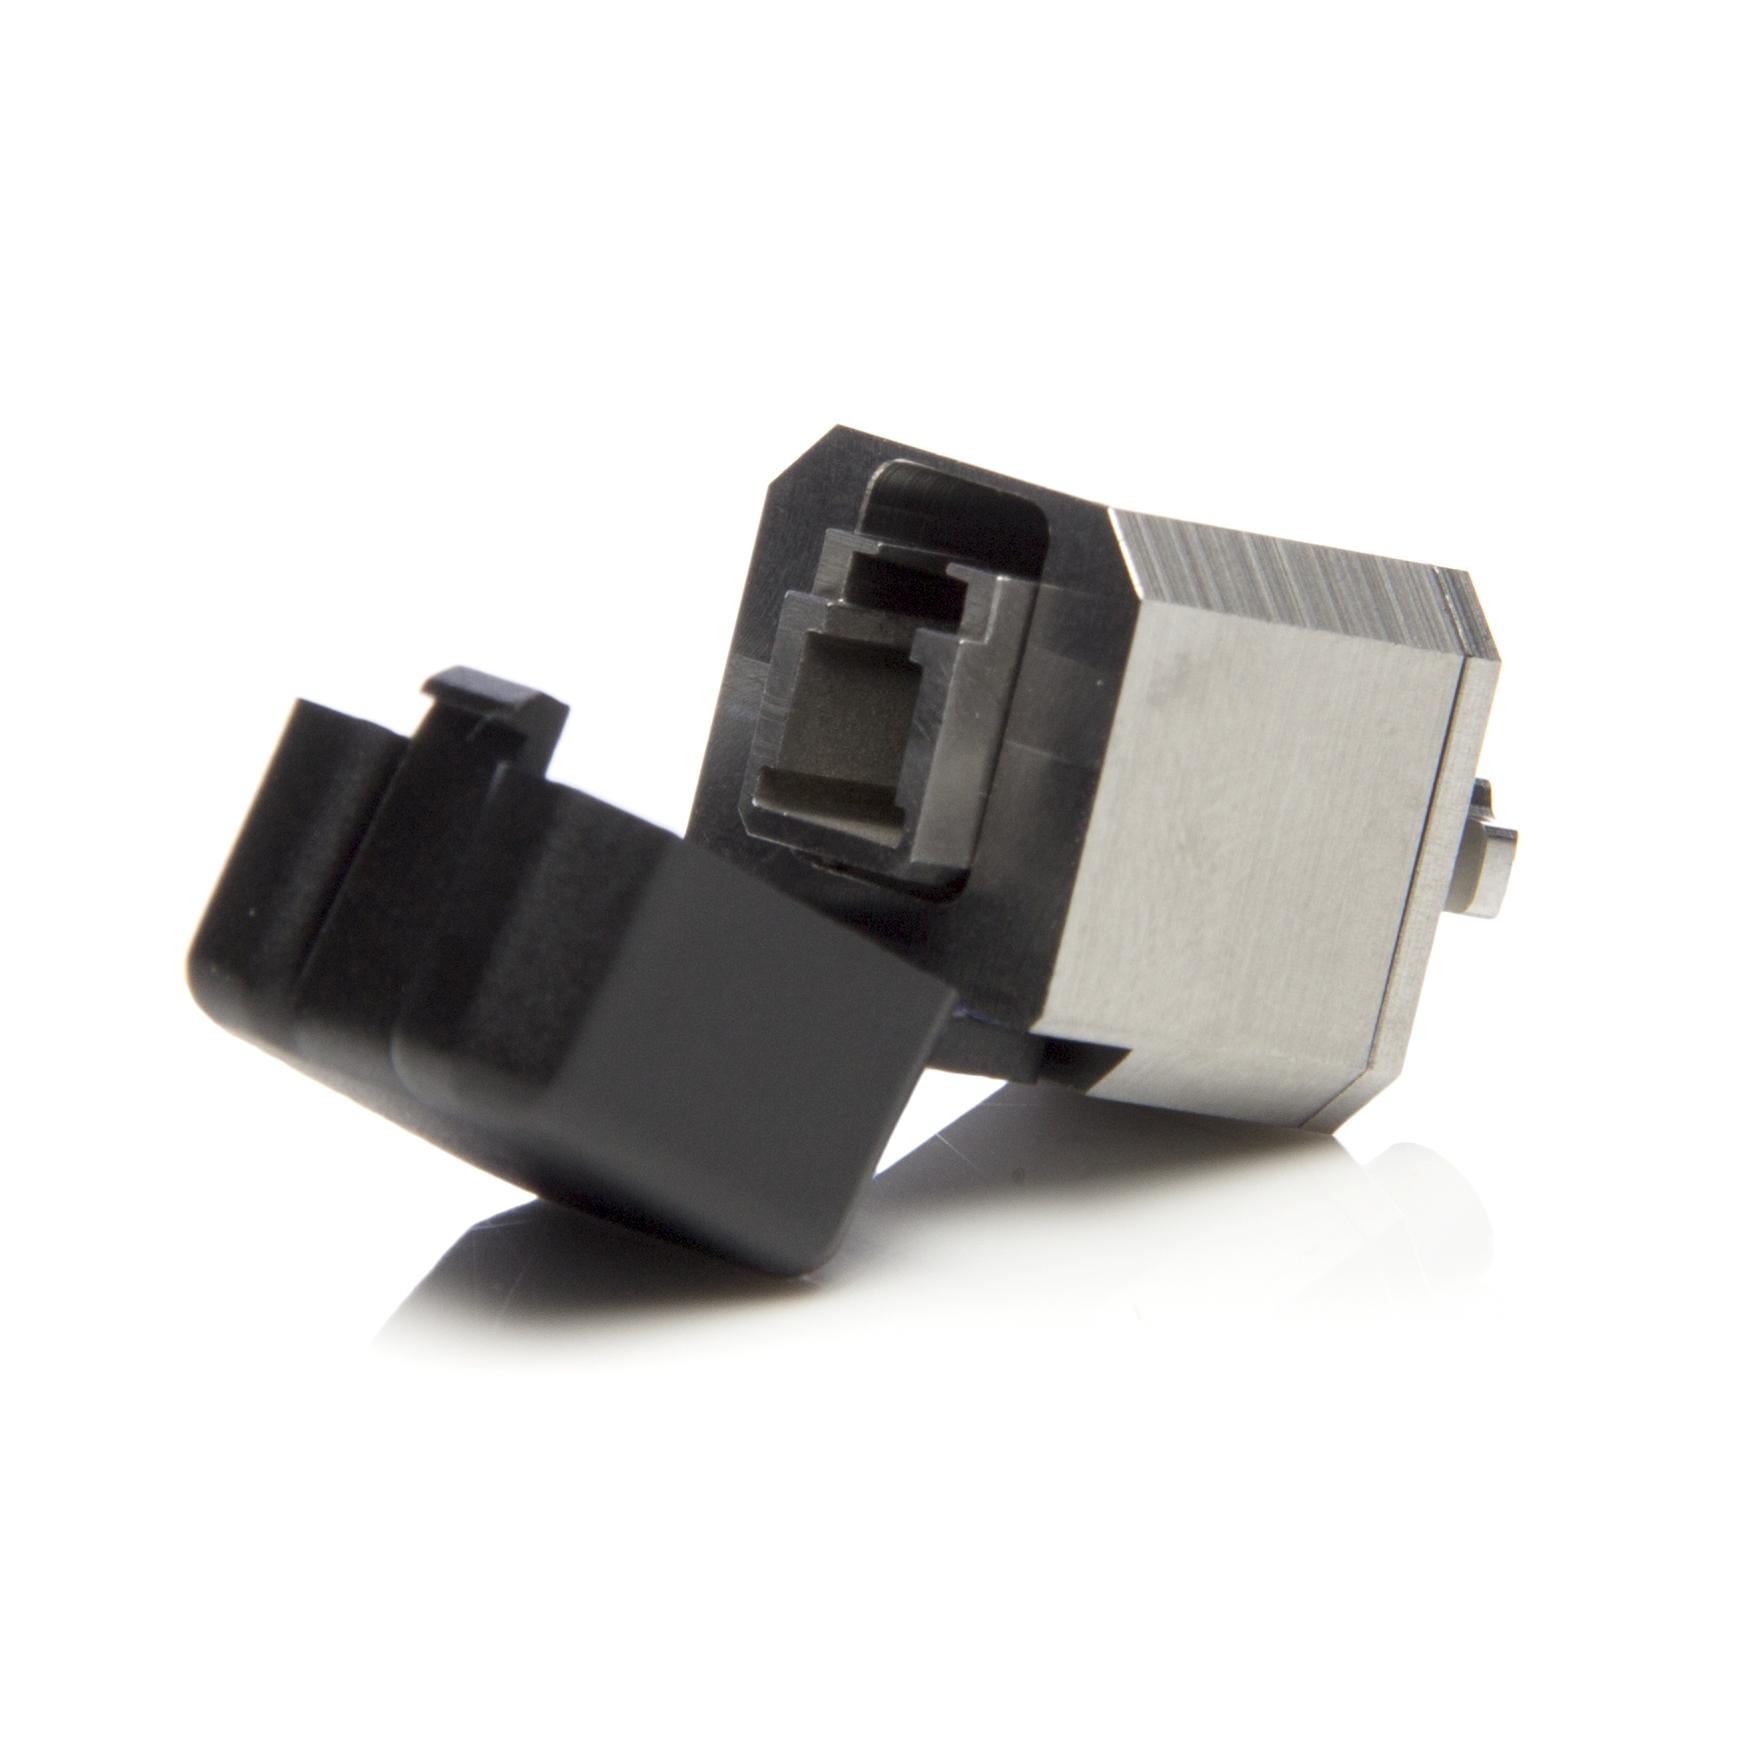 EXFO EUI-98 : Сменный адаптер LC для портативных источников излучения и оптических рефлектометров